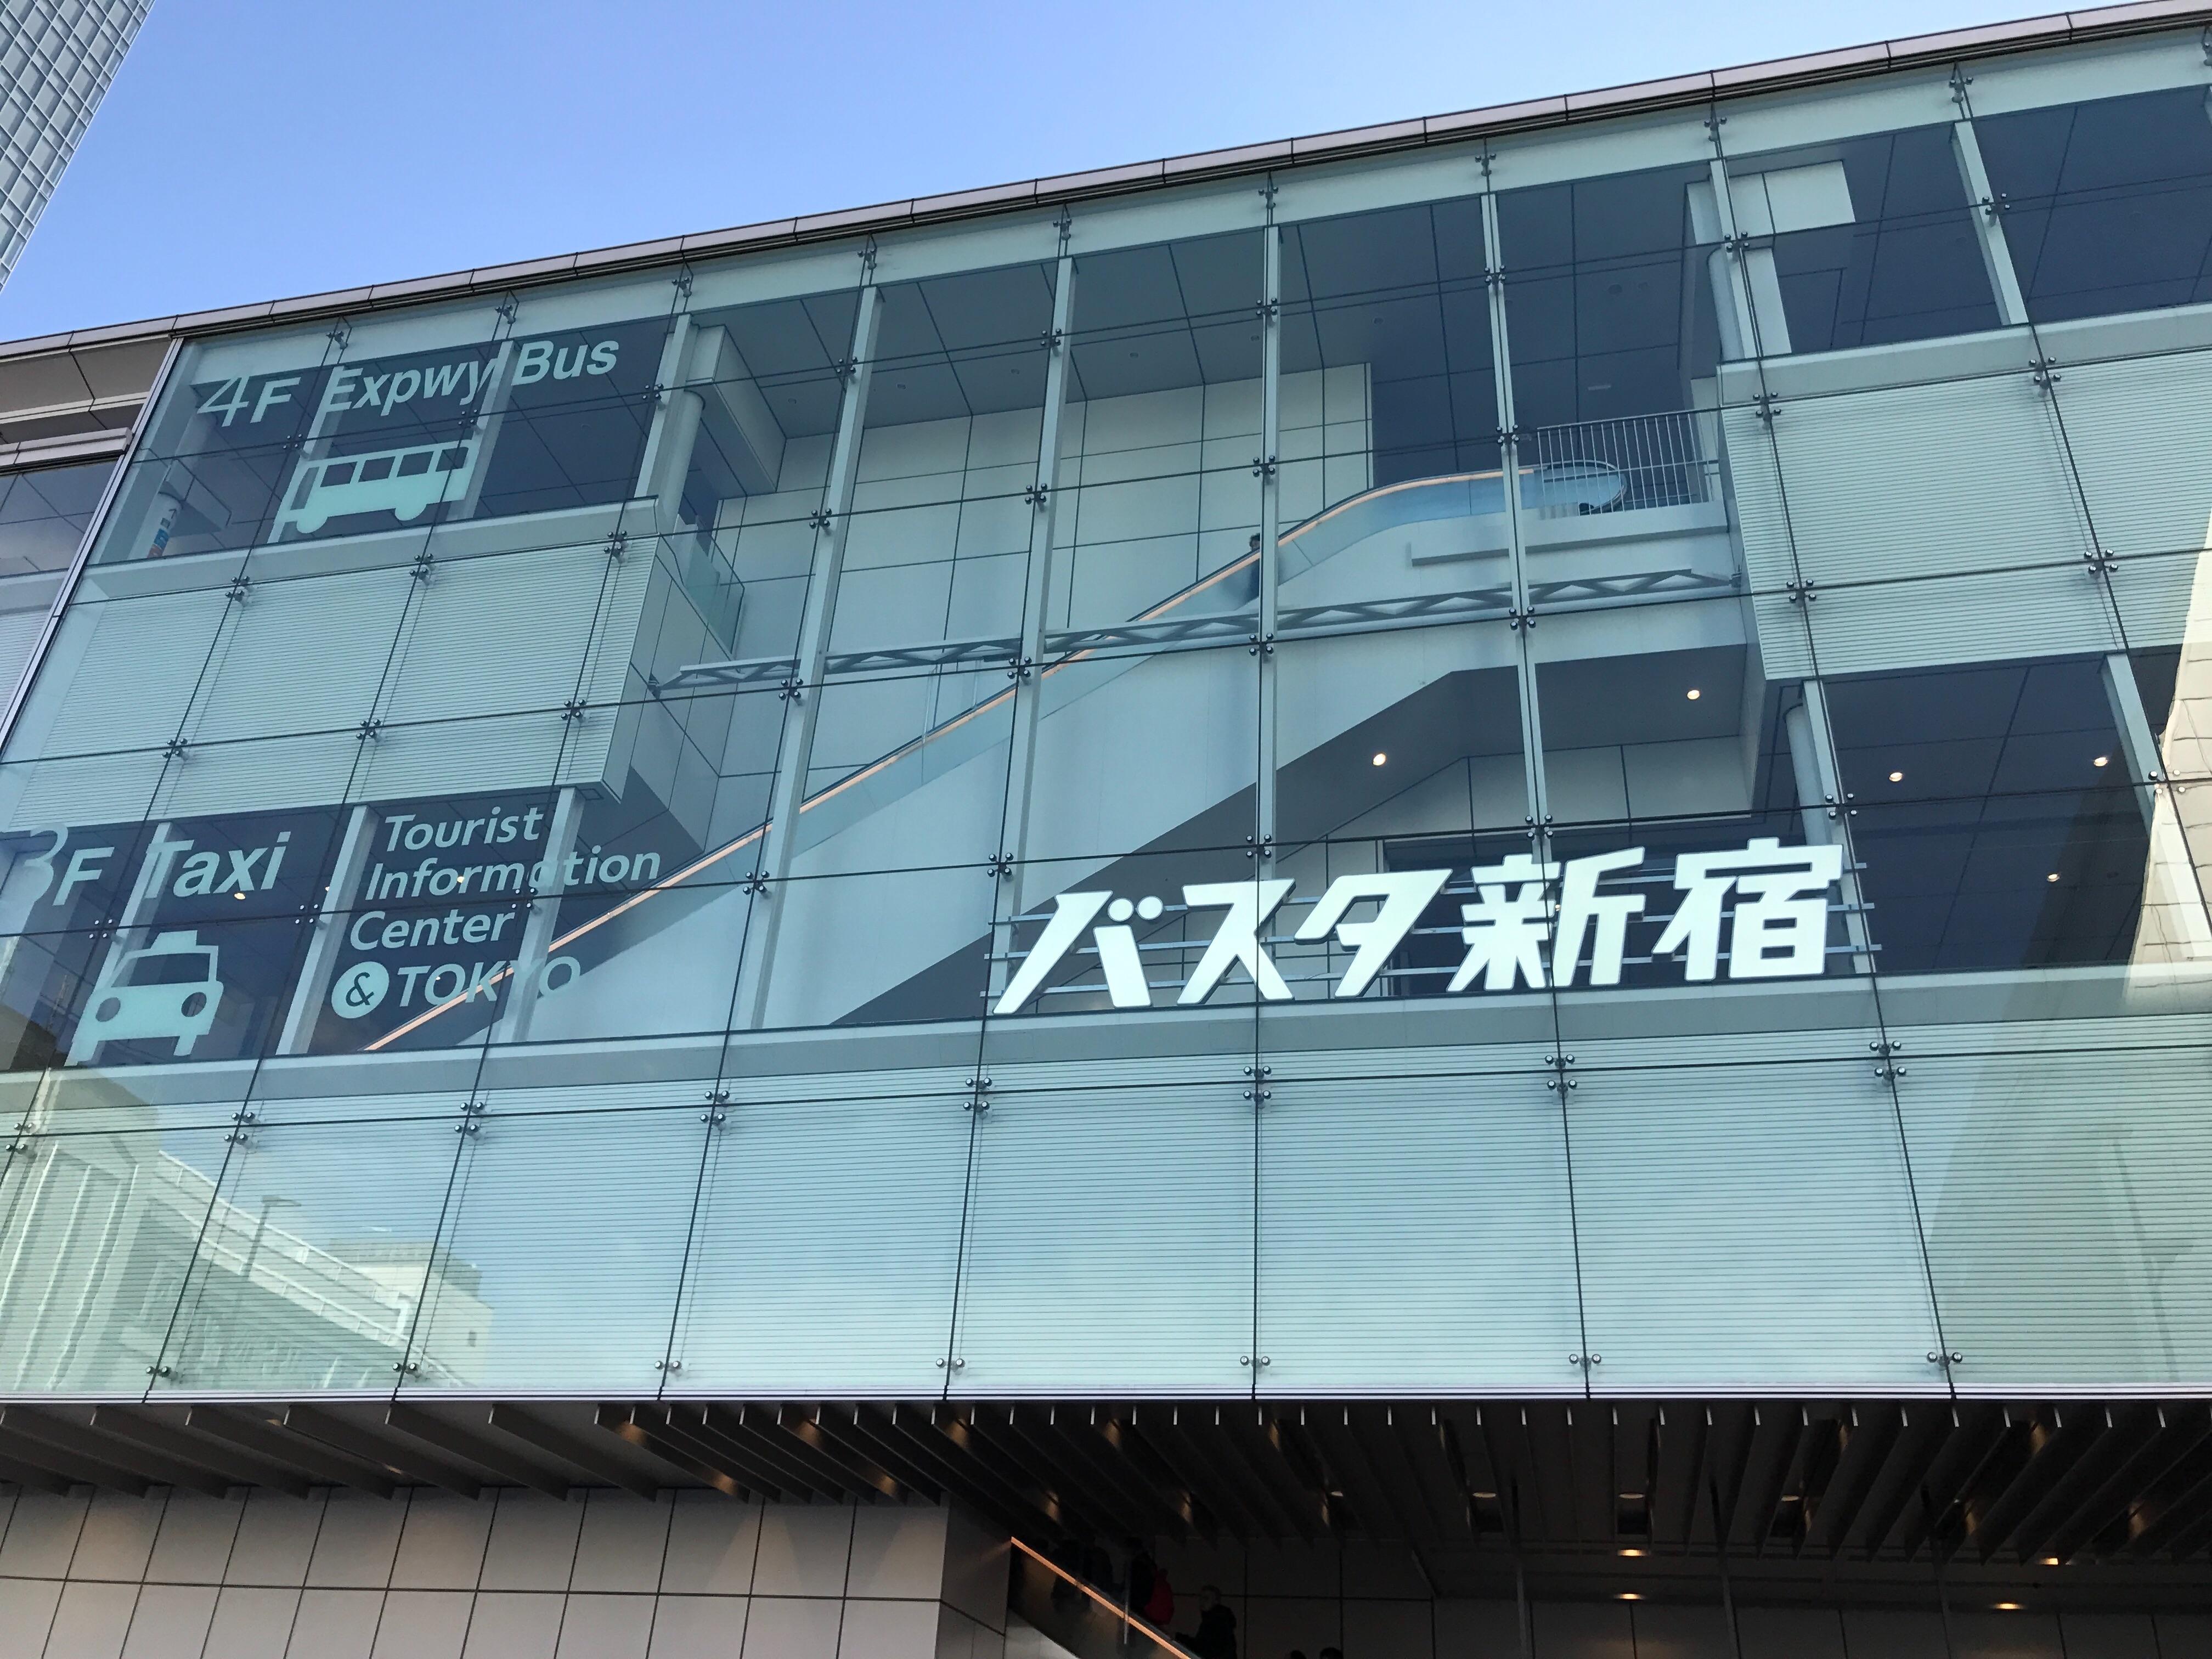 f:id:tomohiko37_i:20170102204614j:image